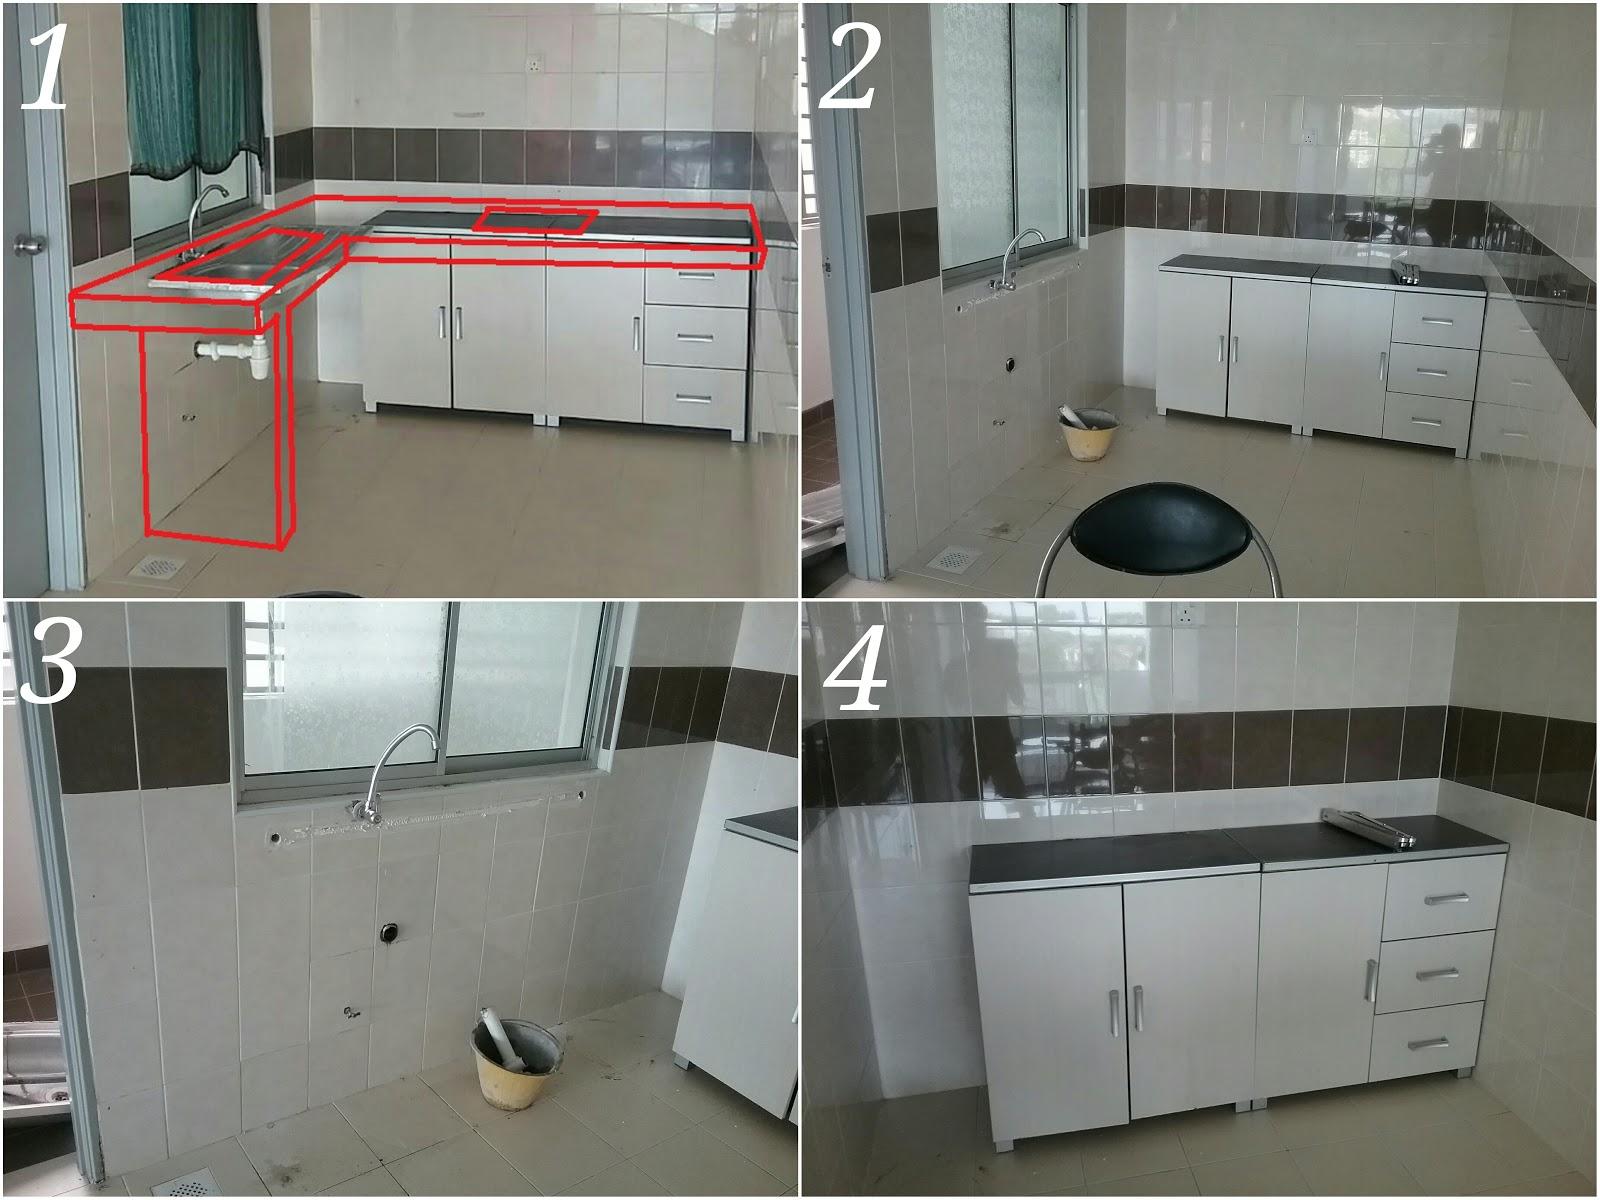 Buat Table Top Countertop Meja Dapur Di Yen 4 Bandar